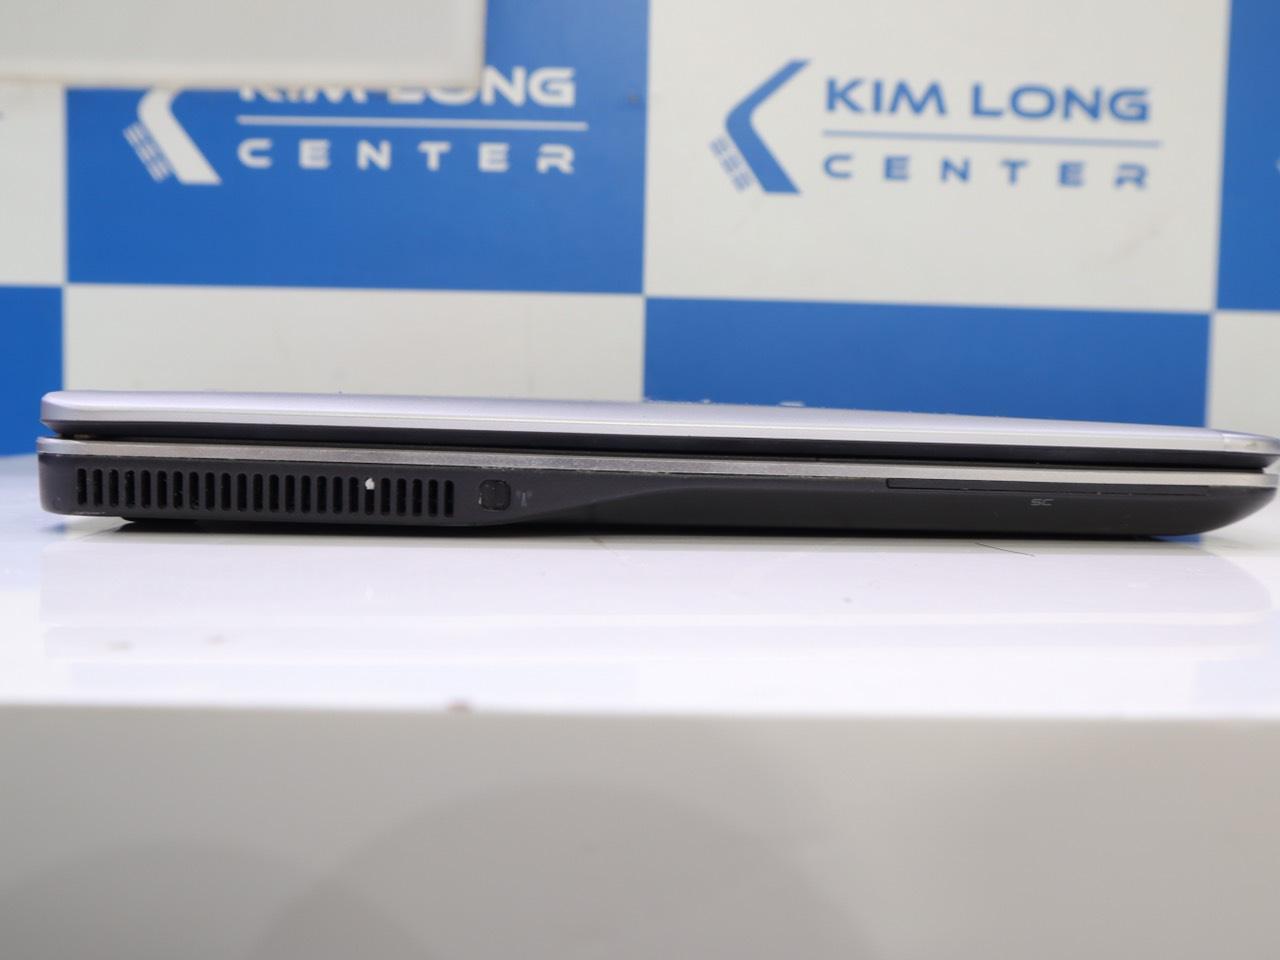 cổng kết nối Dell latitude E7240 (1)